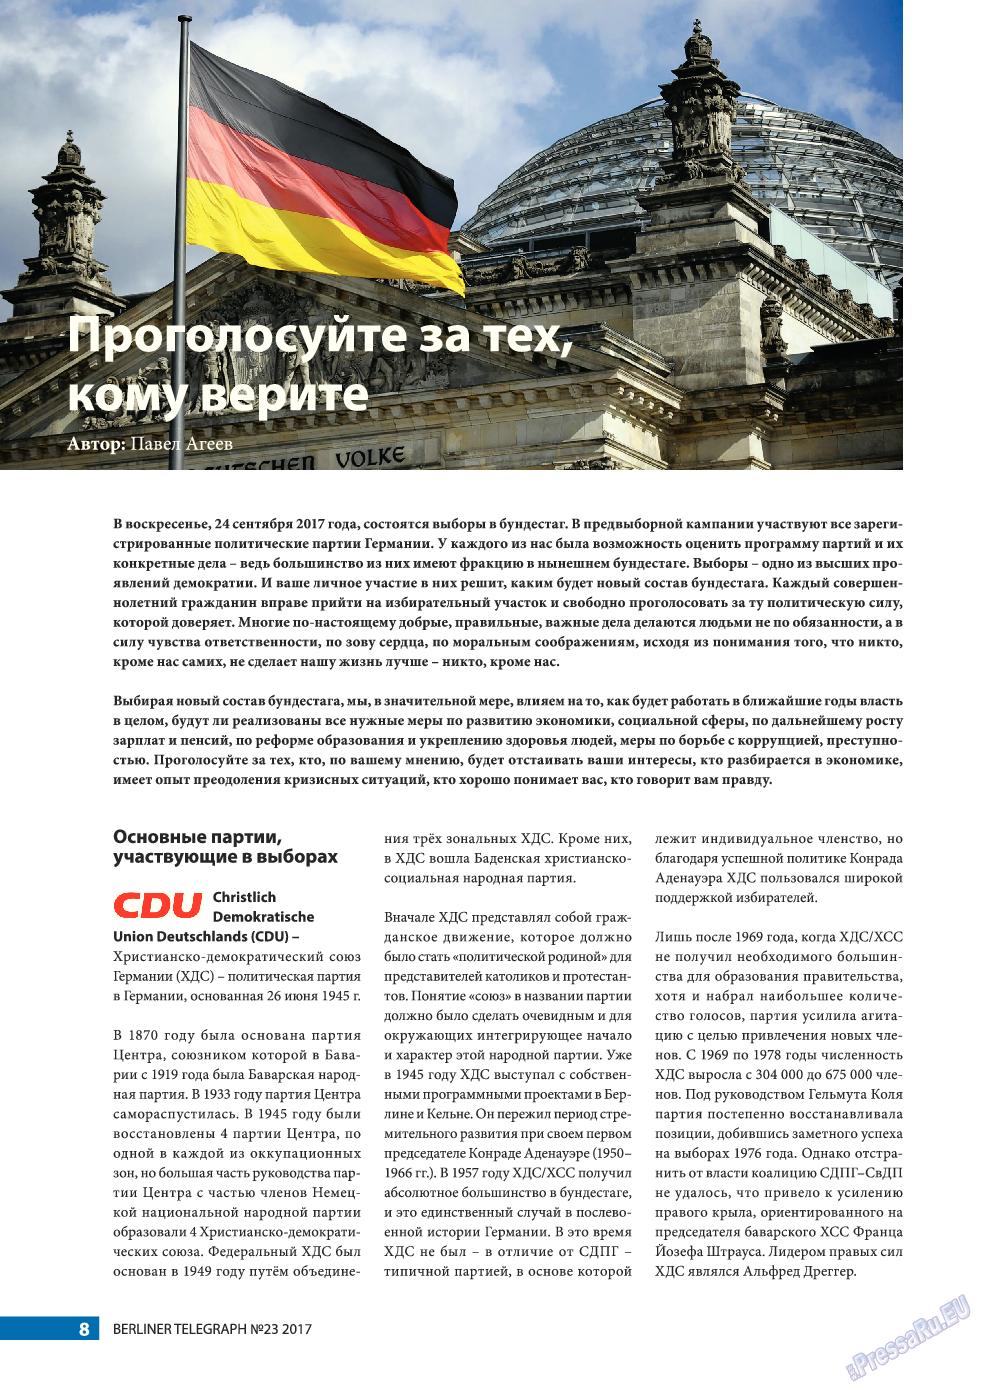 Берлинский телеграф (журнал). 2017 год, номер 23, стр. 8